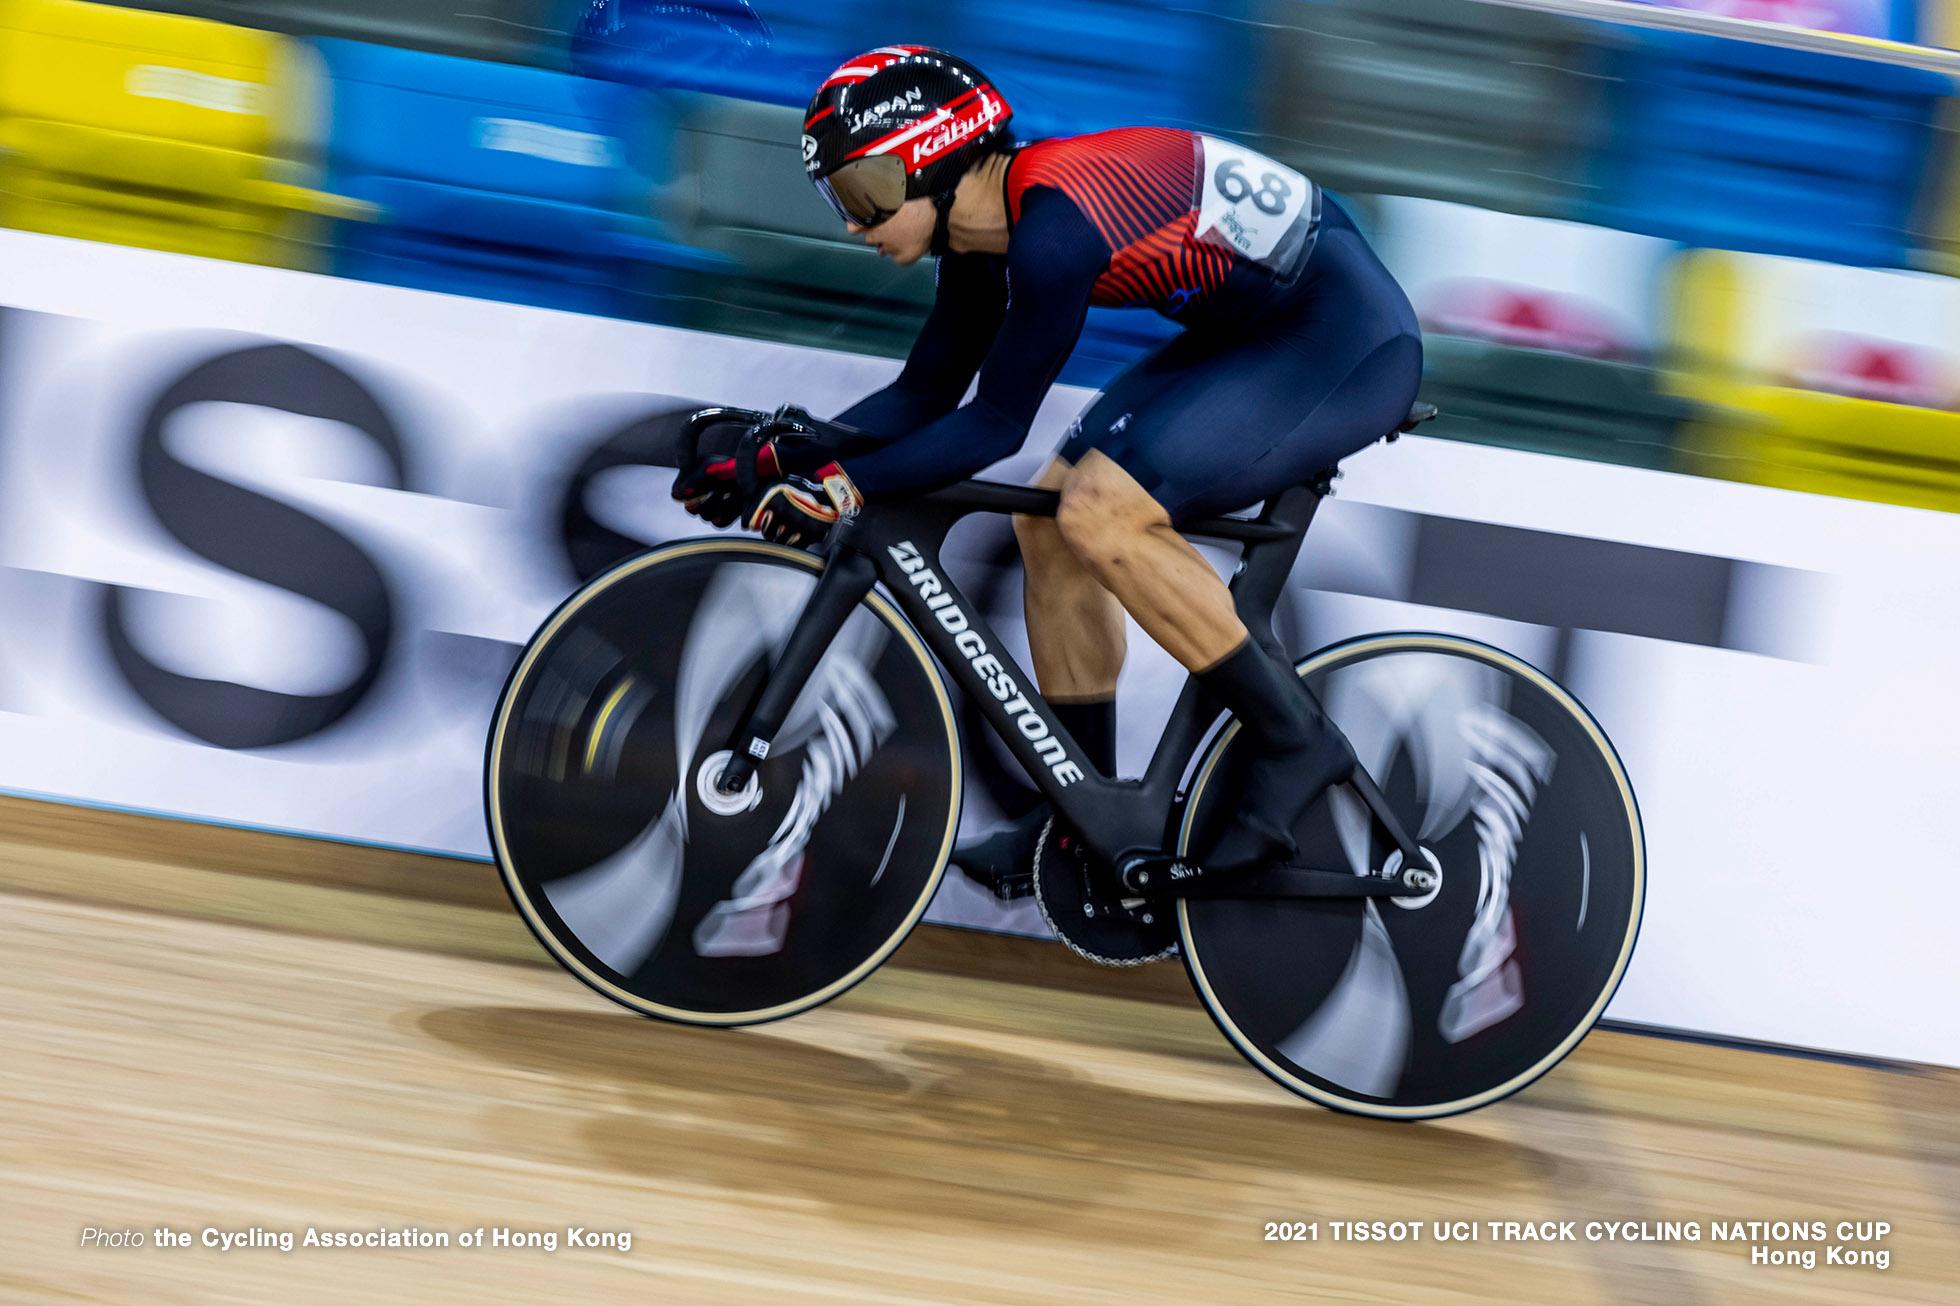 山﨑賢人,Mens Sprint, TISSOT UCI TRACK CYCLING NATIONS CUP - HONG KONG